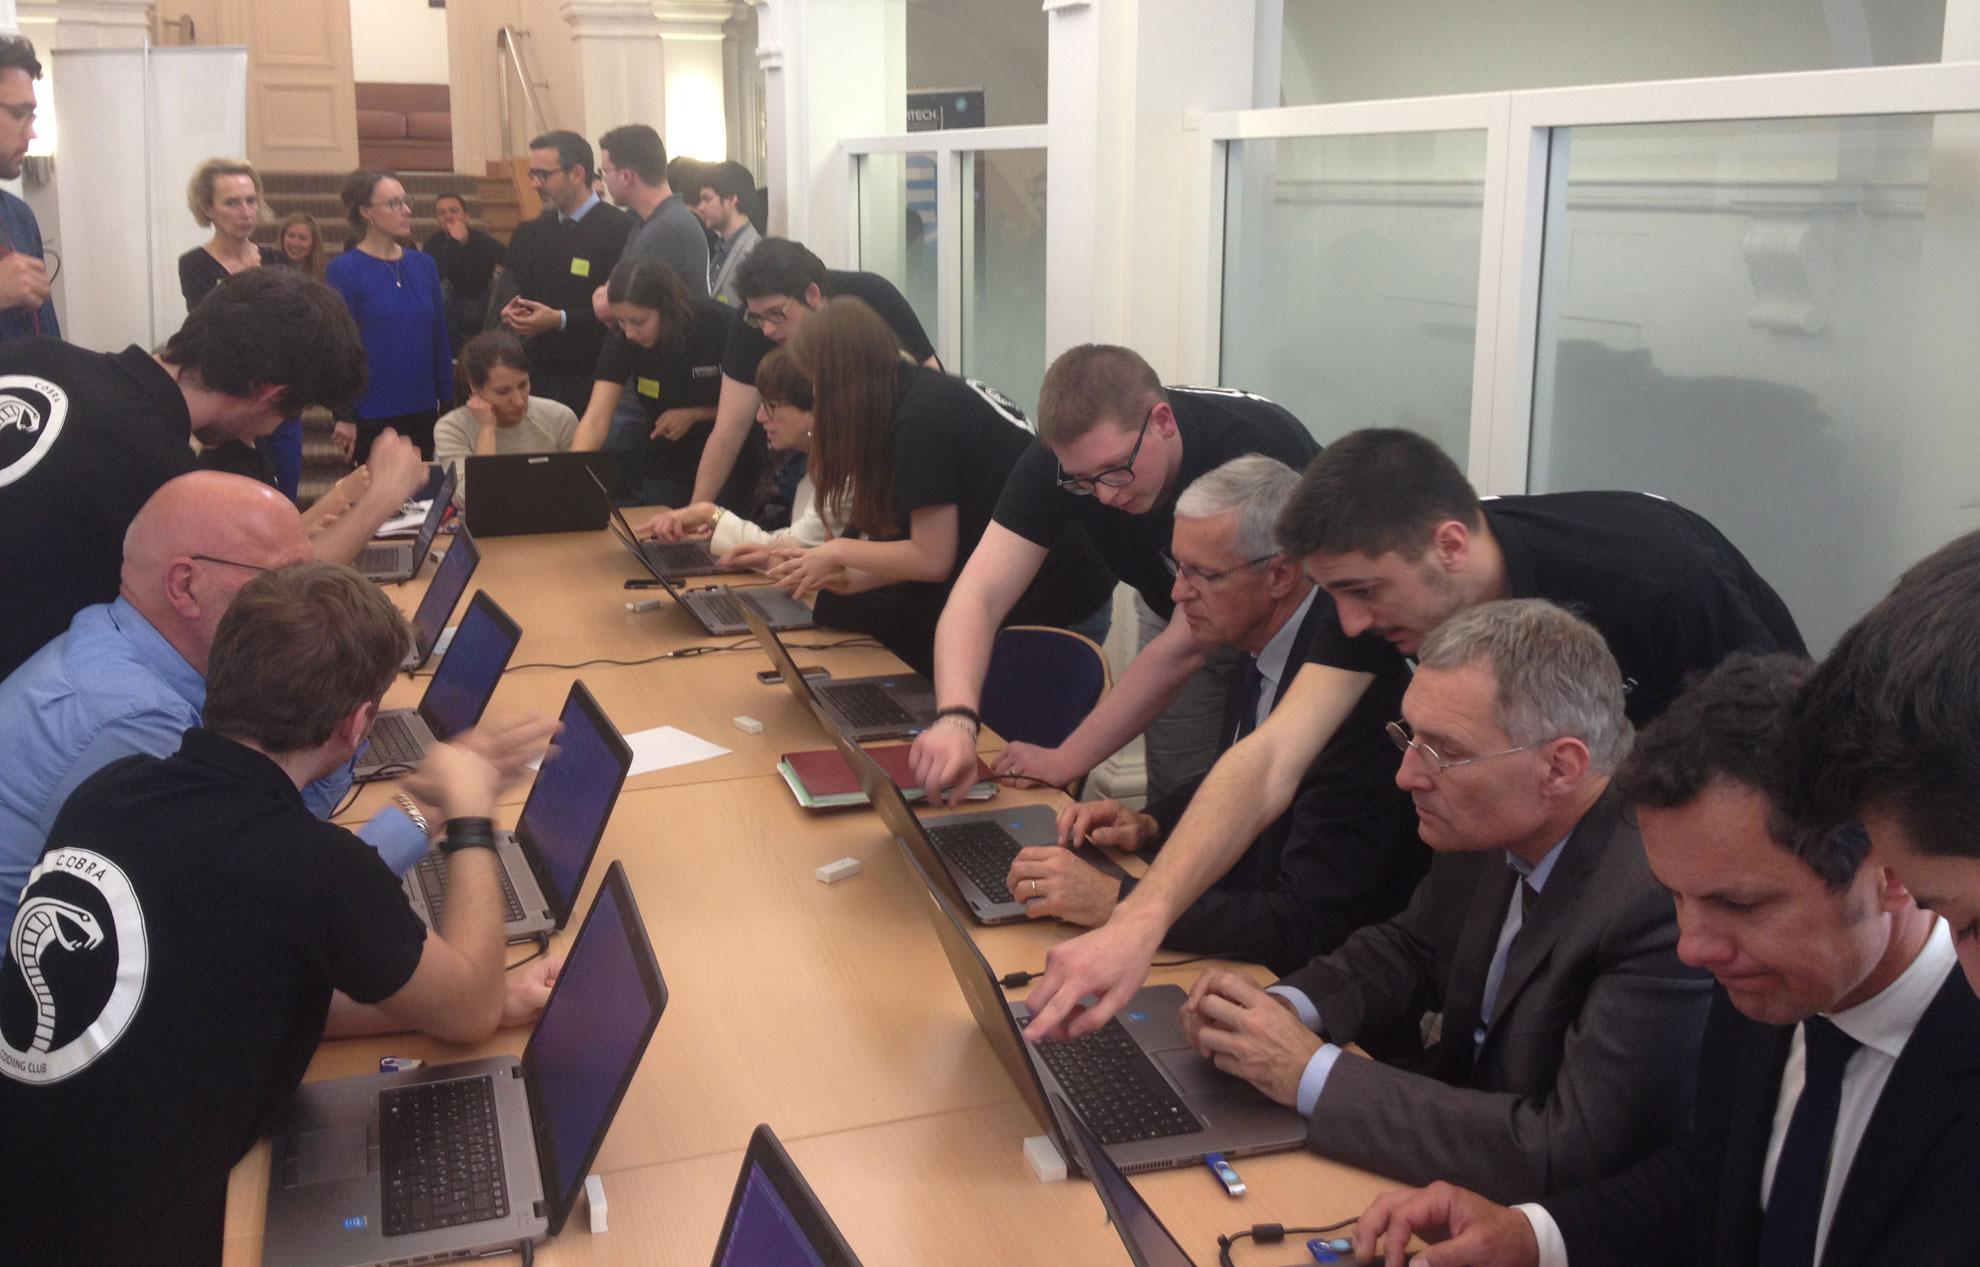 Les-senateurs-socialistes-suivent-une-initiation-au-code-informatique-le-mercredi-27-avril